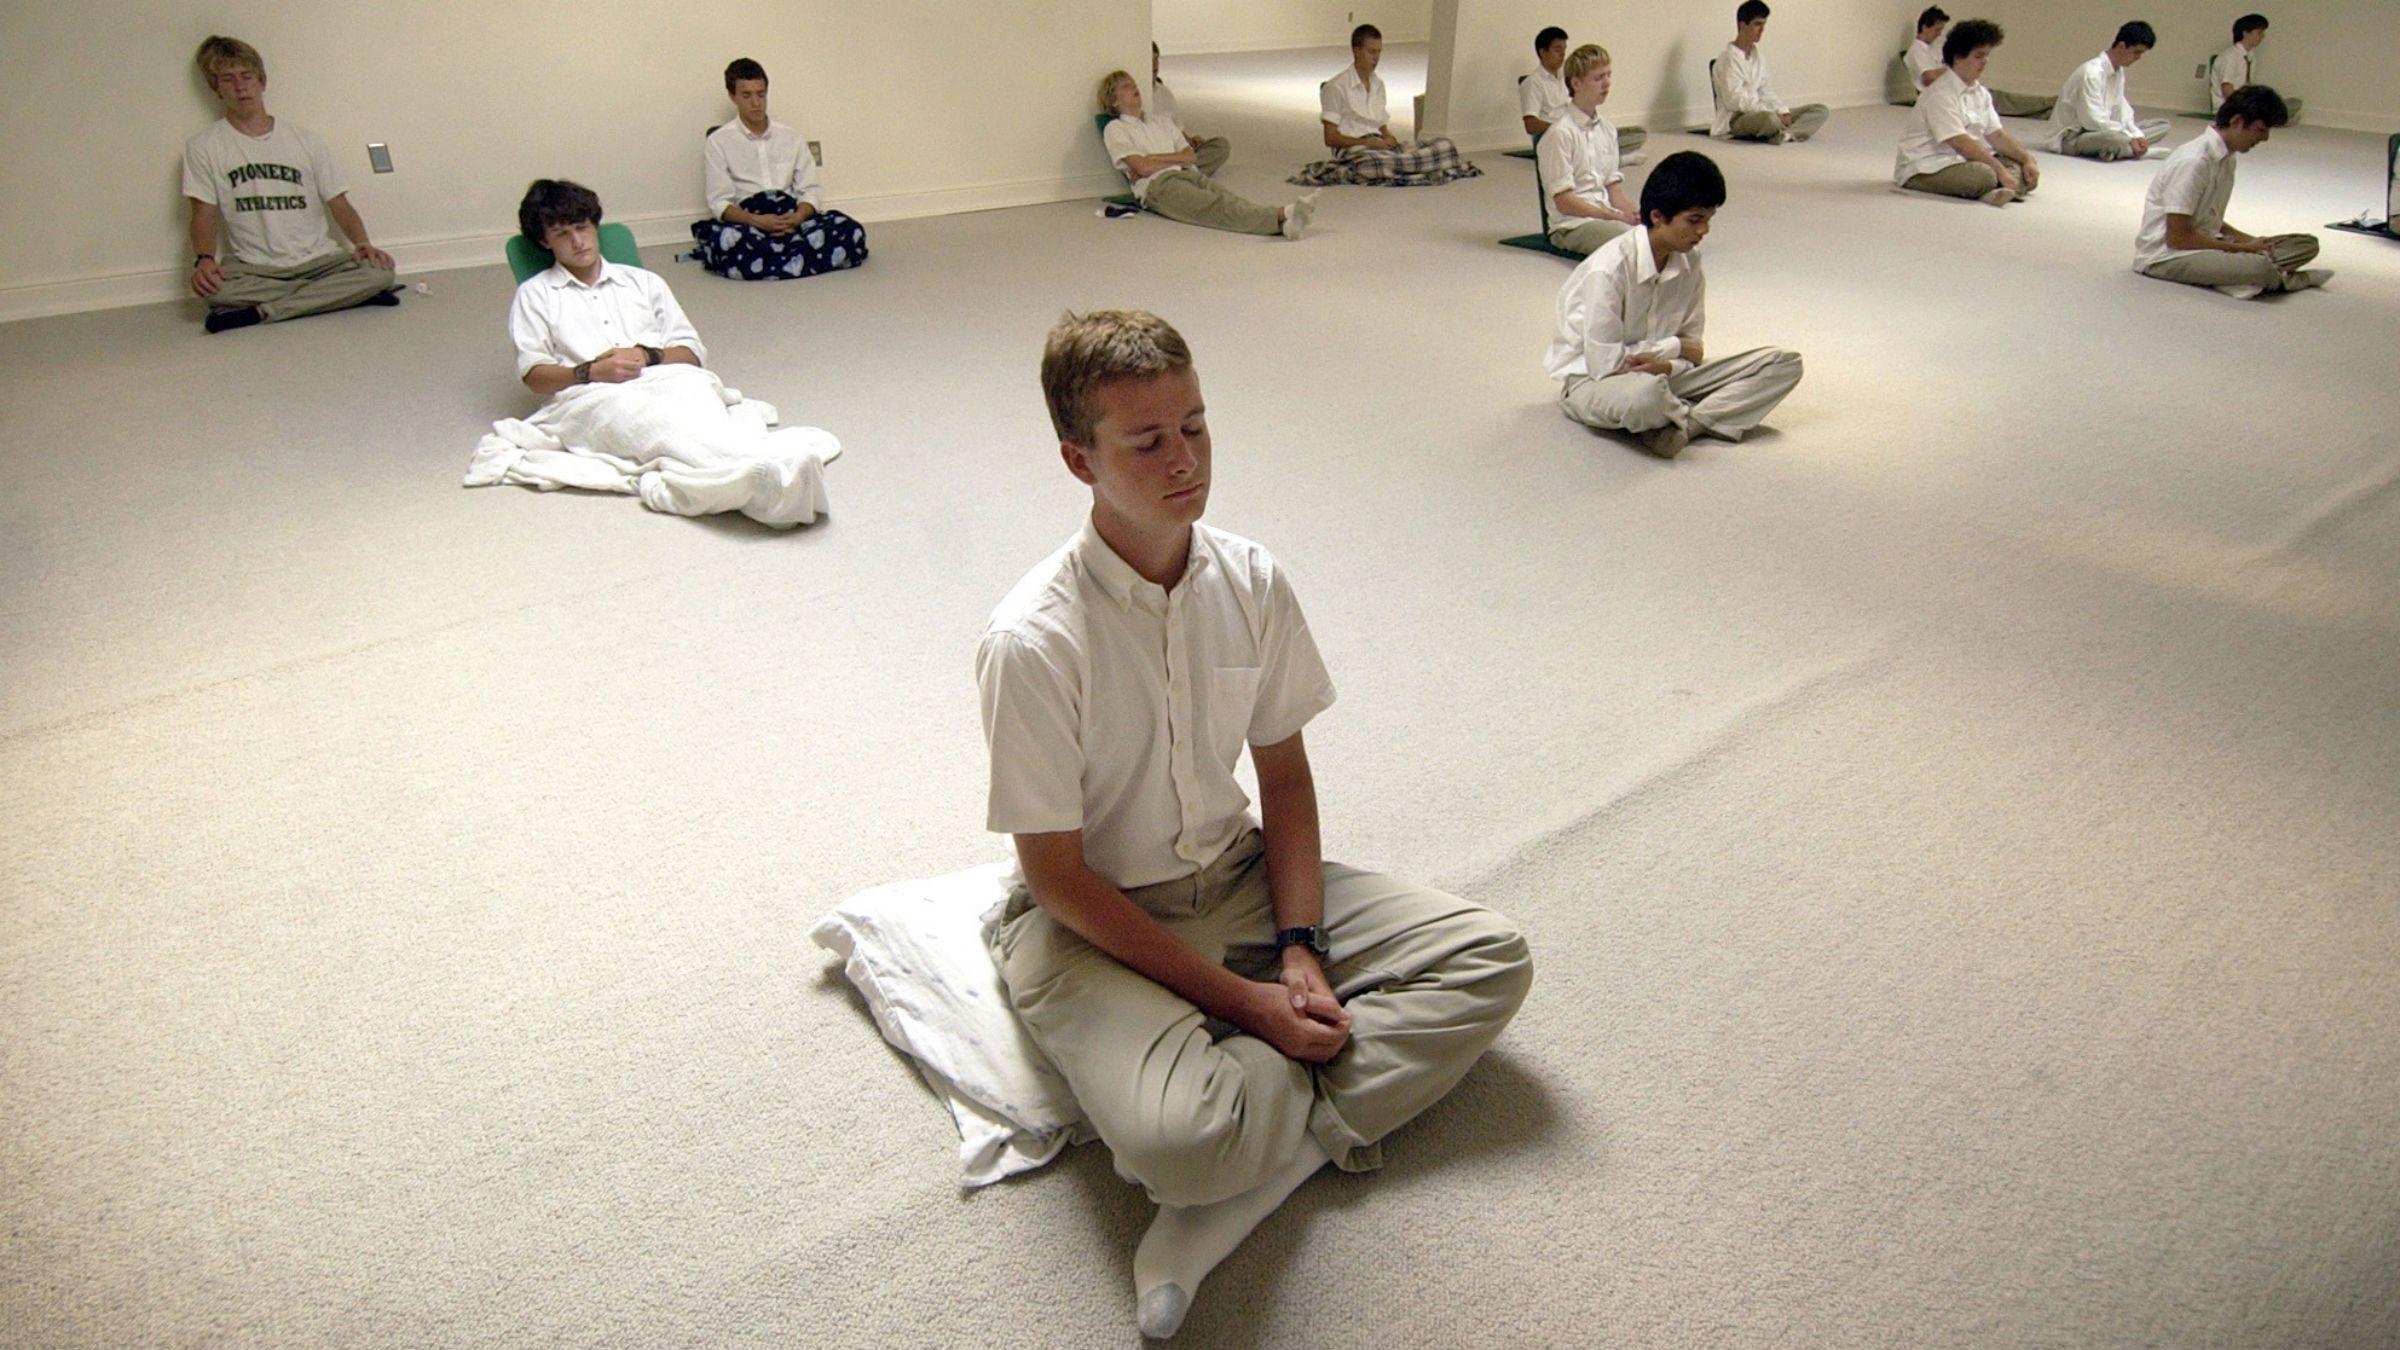 Meditation makes children smarter